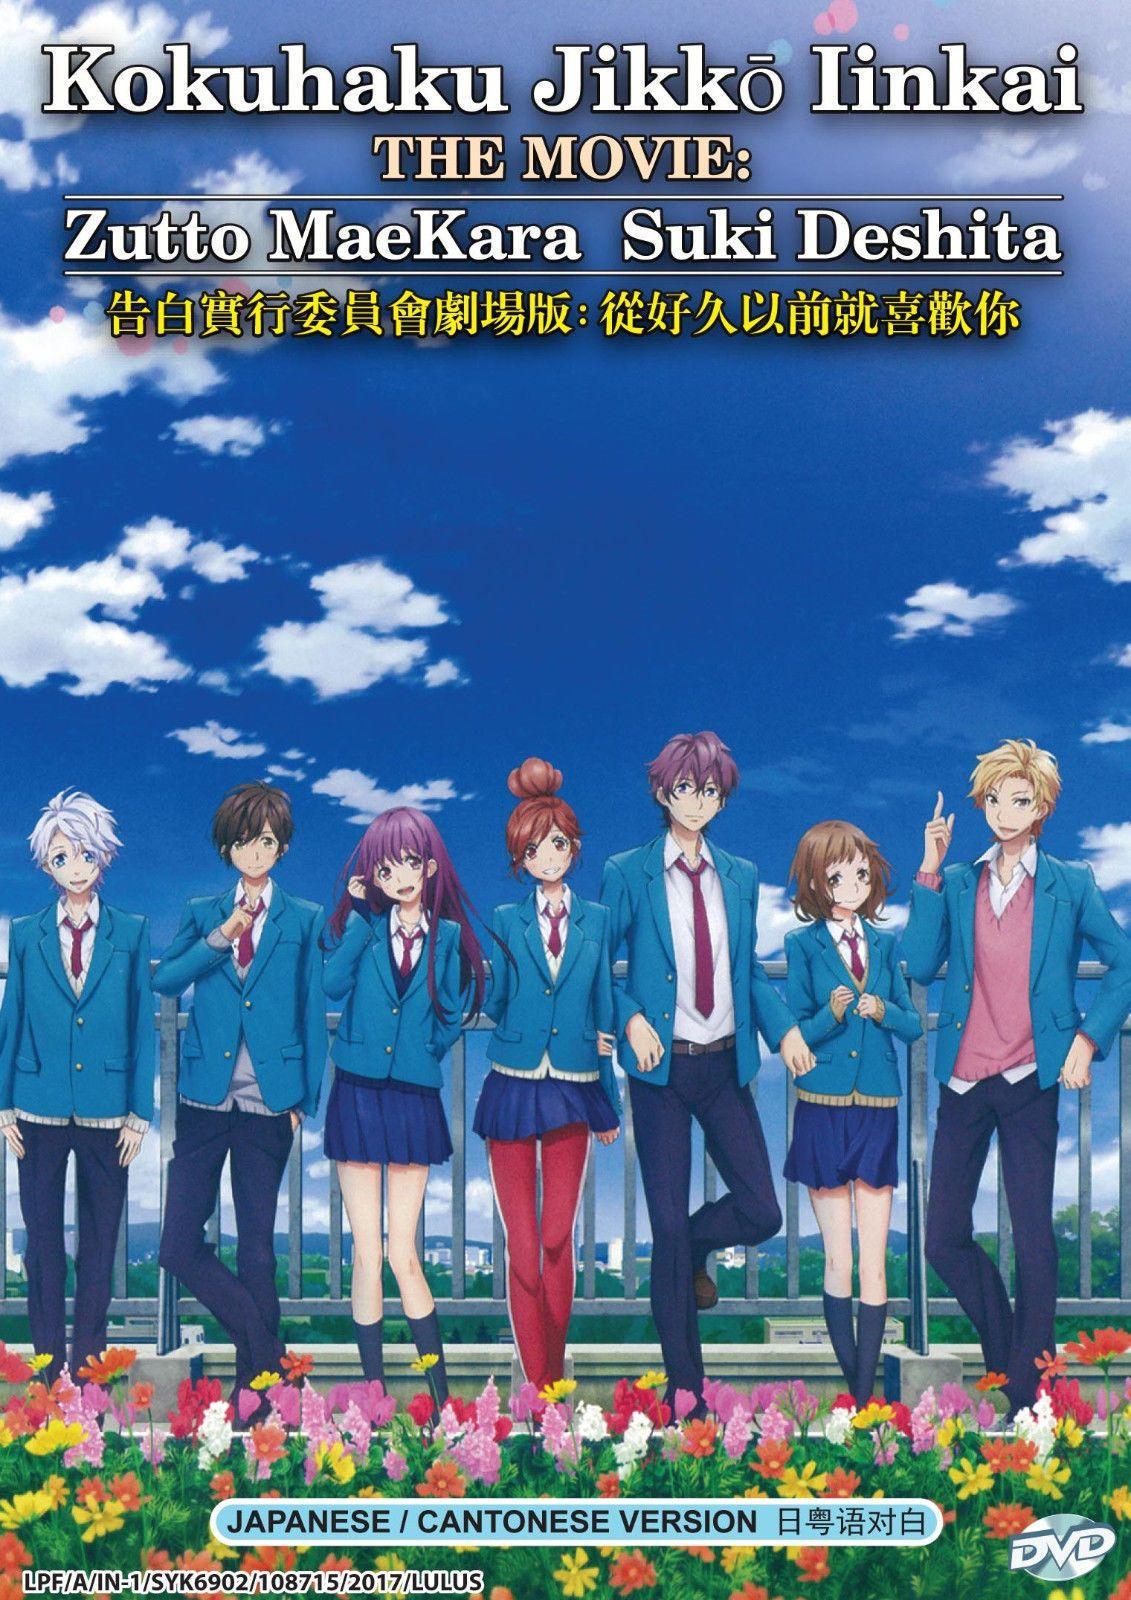 10.05 Dvd Kokuhaku Jikko Iinkai The Movie Zutto Mae